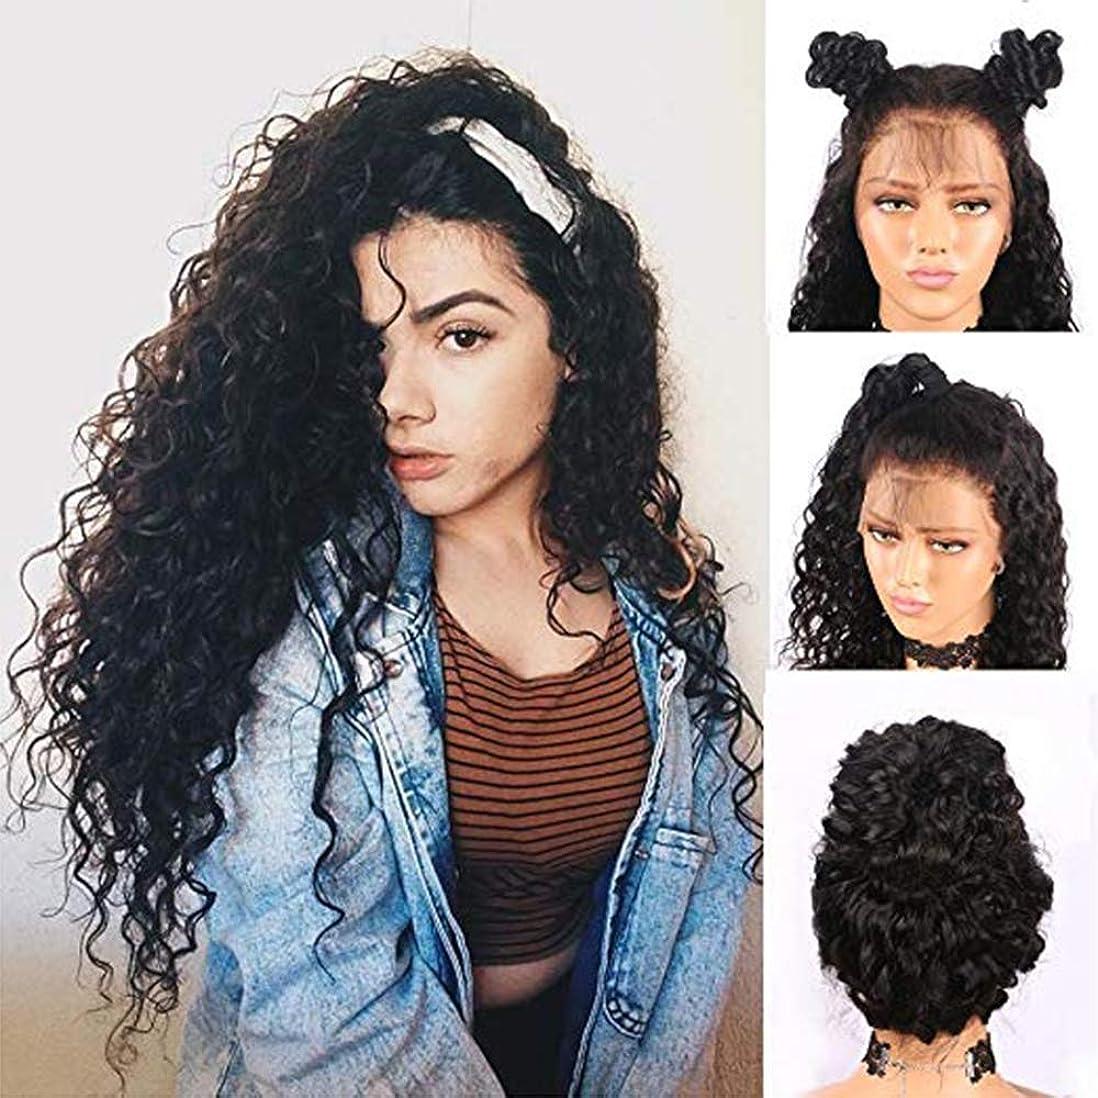 アデレード合計ペア女性のためのフロントレースロングカーリーウィッグアフロブラック人工毛サイドパートウィッグ無料かつらキャップ付き26%密度(26インチ)